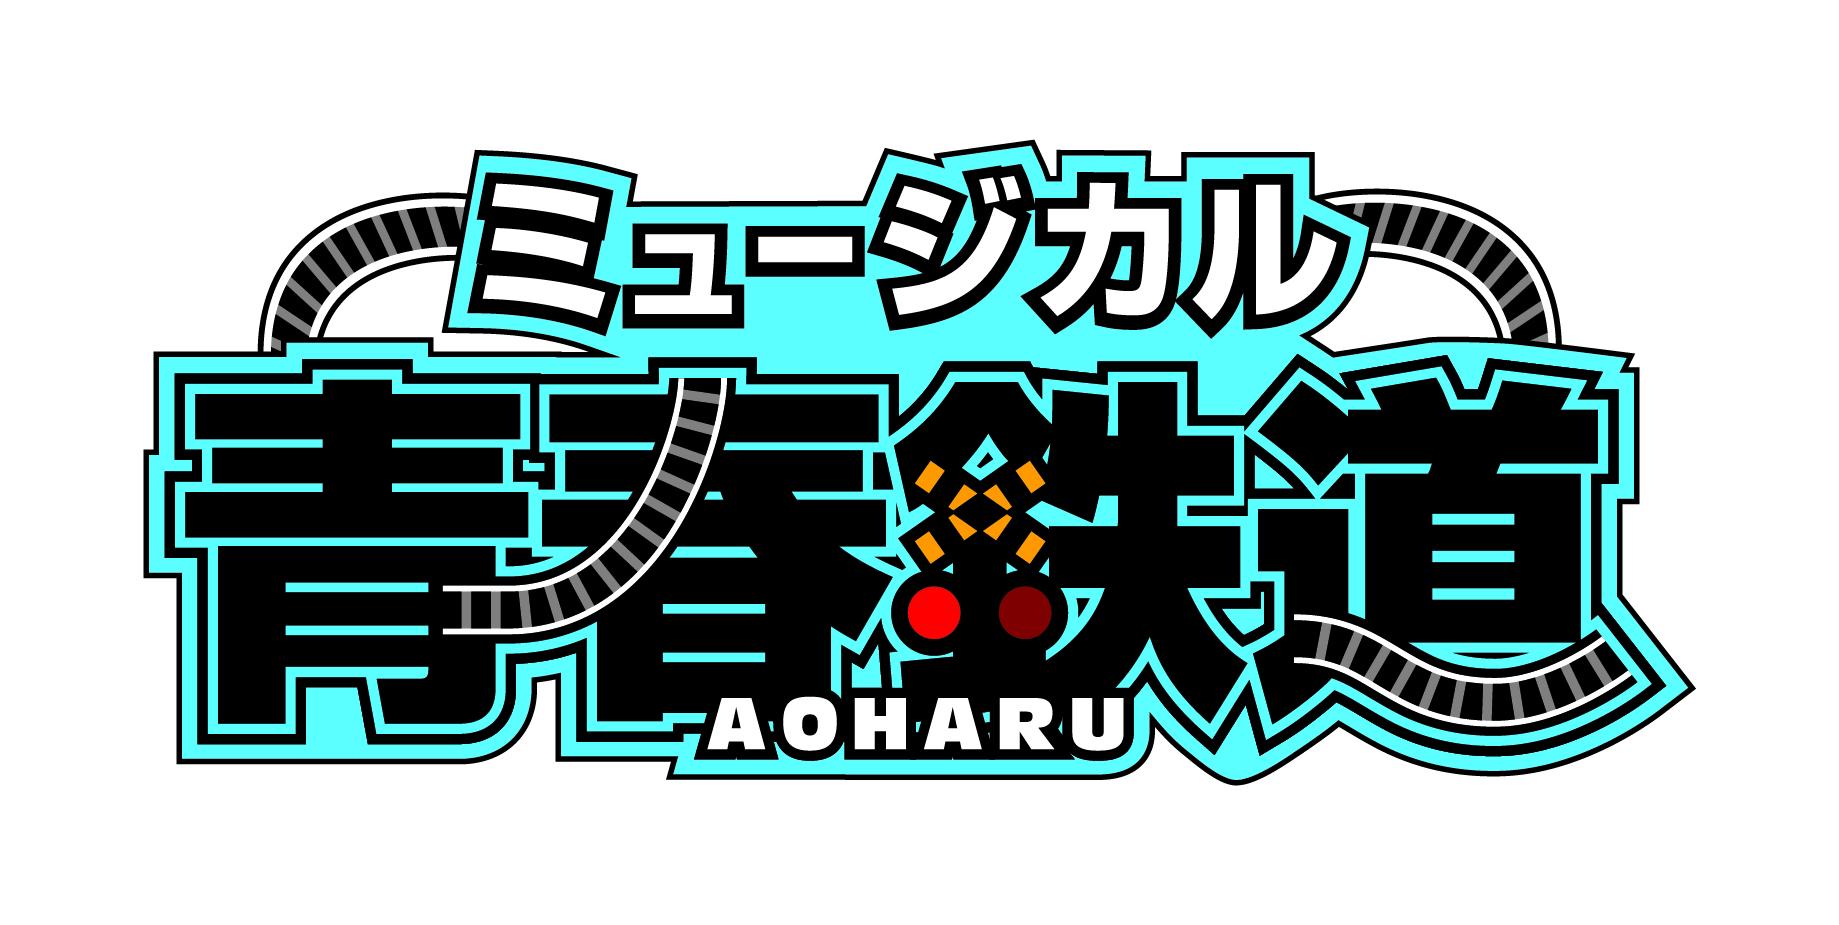 鉄ミュ!?鉄道擬人化ミュージカル『青春-AOHARU-鉄道』キャスト6人発表